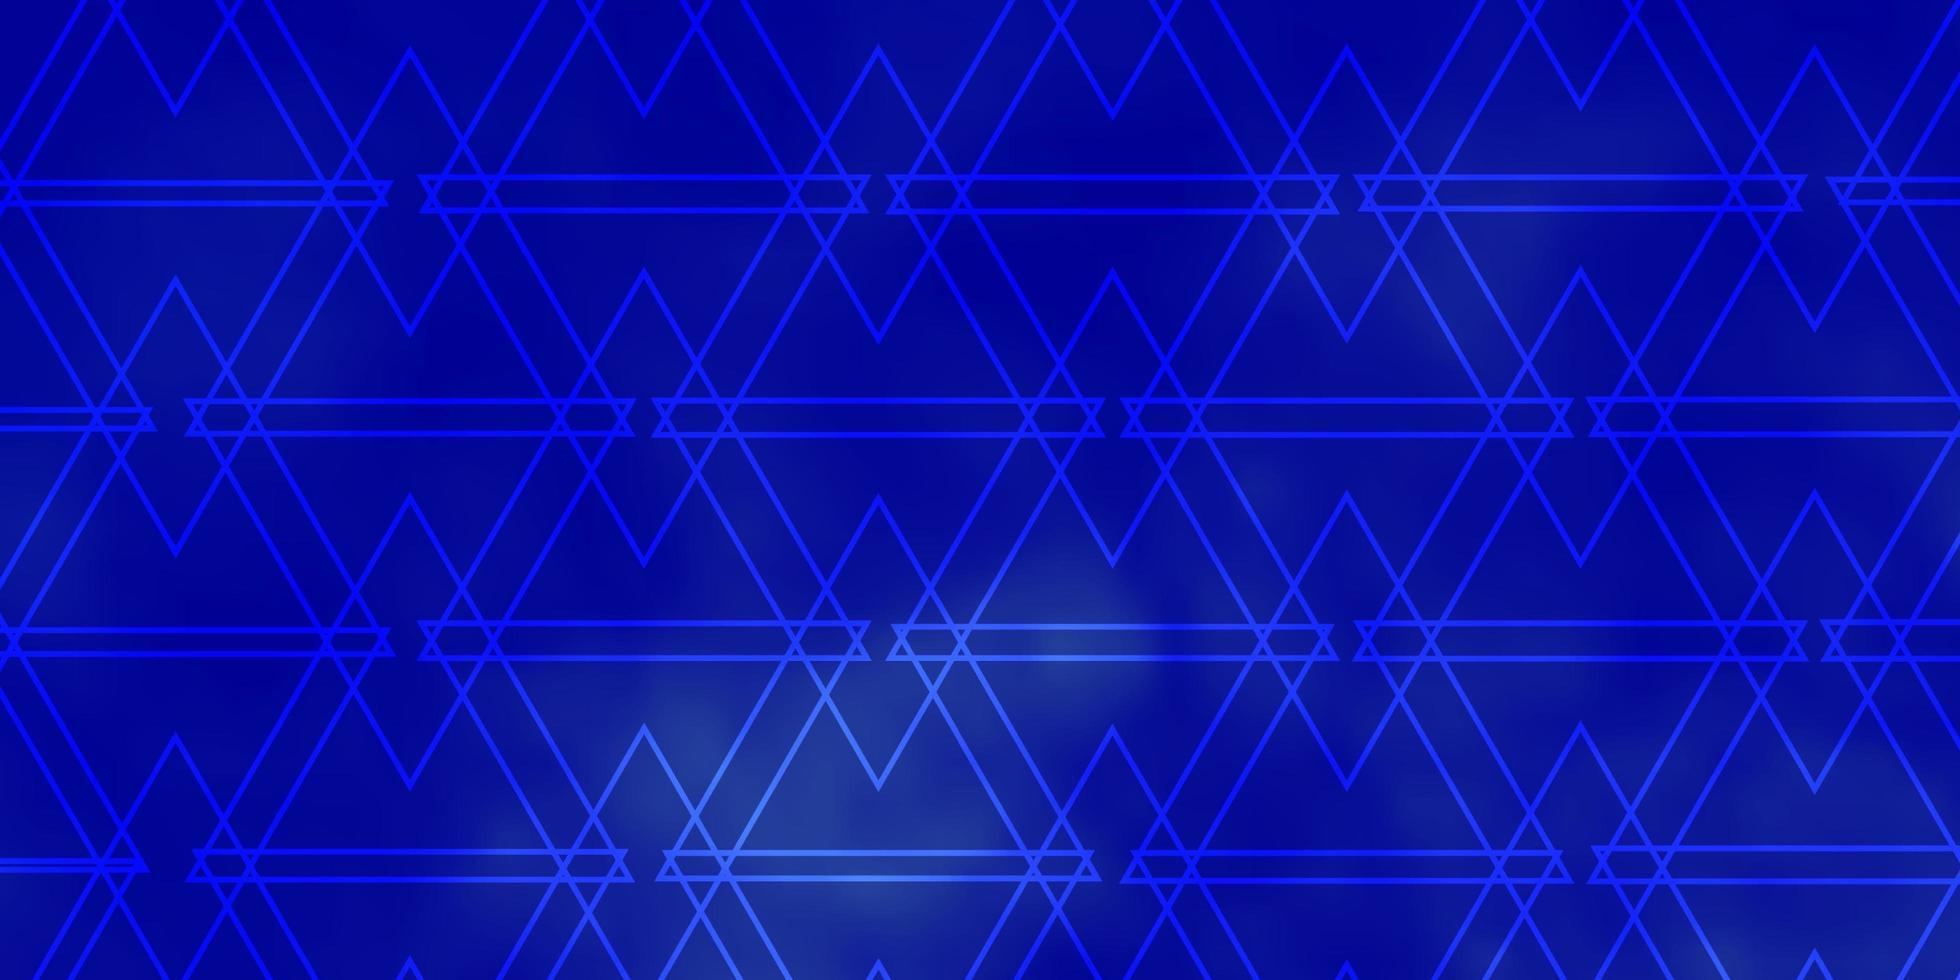 blå konsistens med linjer, trianglar. vektor